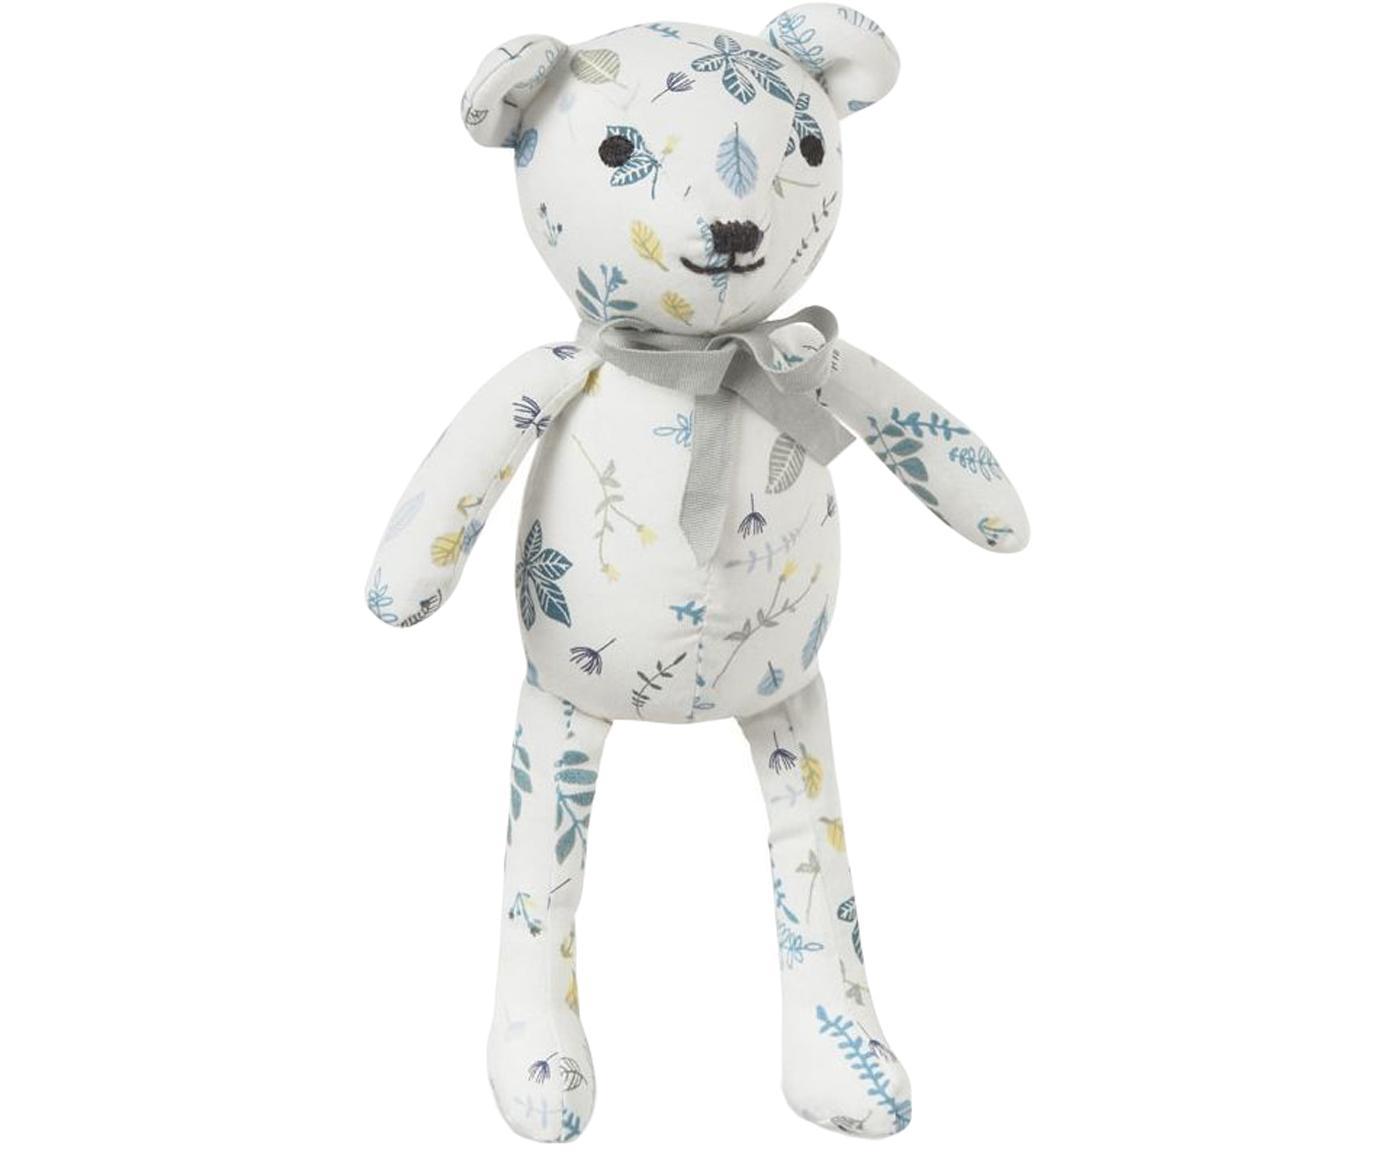 Kuscheltier Teddy aus Bio-Baumwolle, Bezug: Bio-Baumwolle, OCS-zertif, Weiss, Blautöne, Gelb, 14 x 28 cm